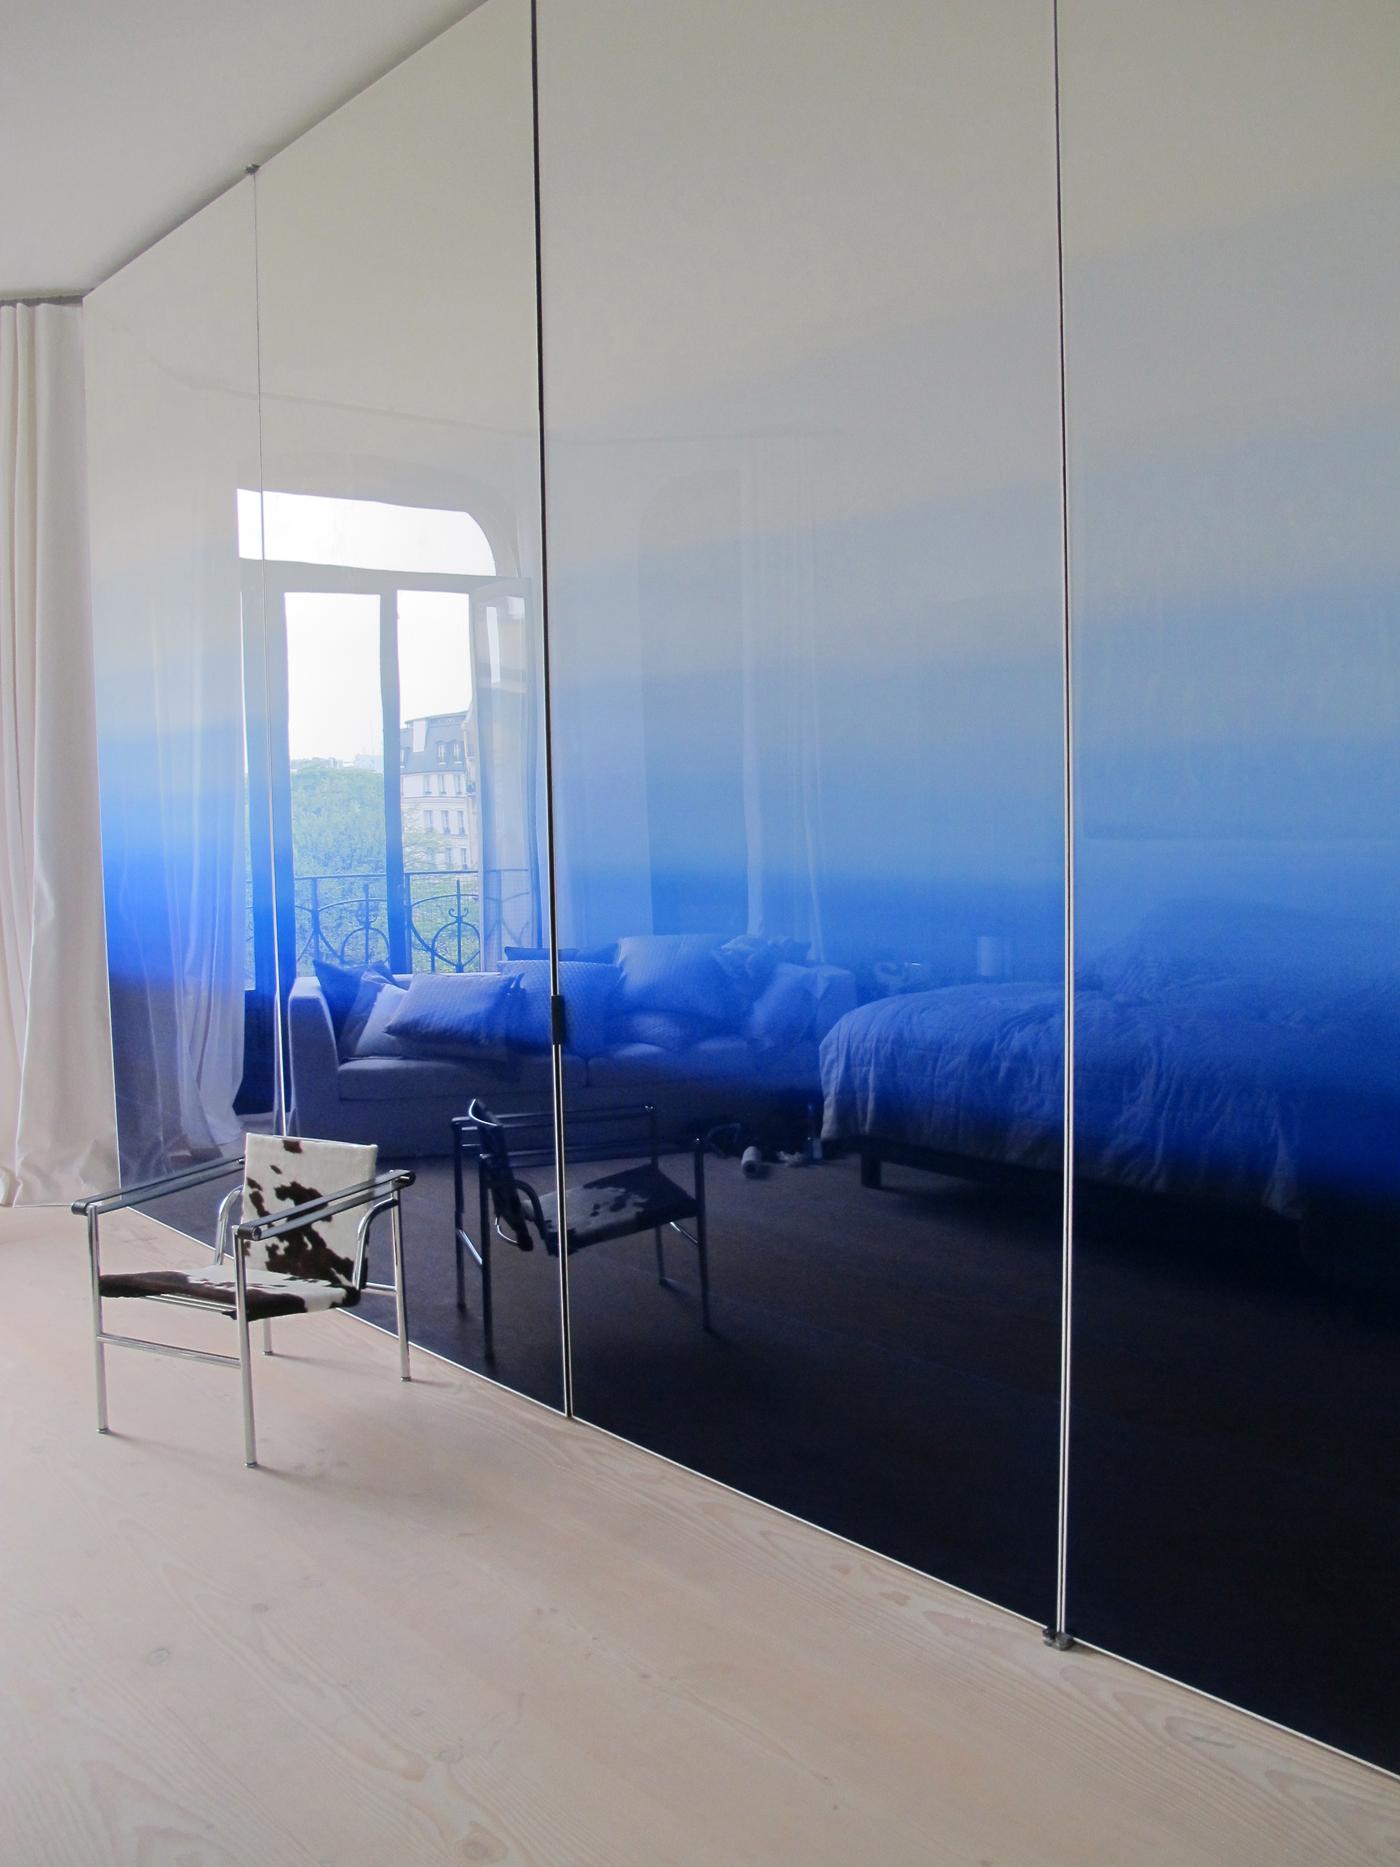 Mur paravent en dégradé bleu